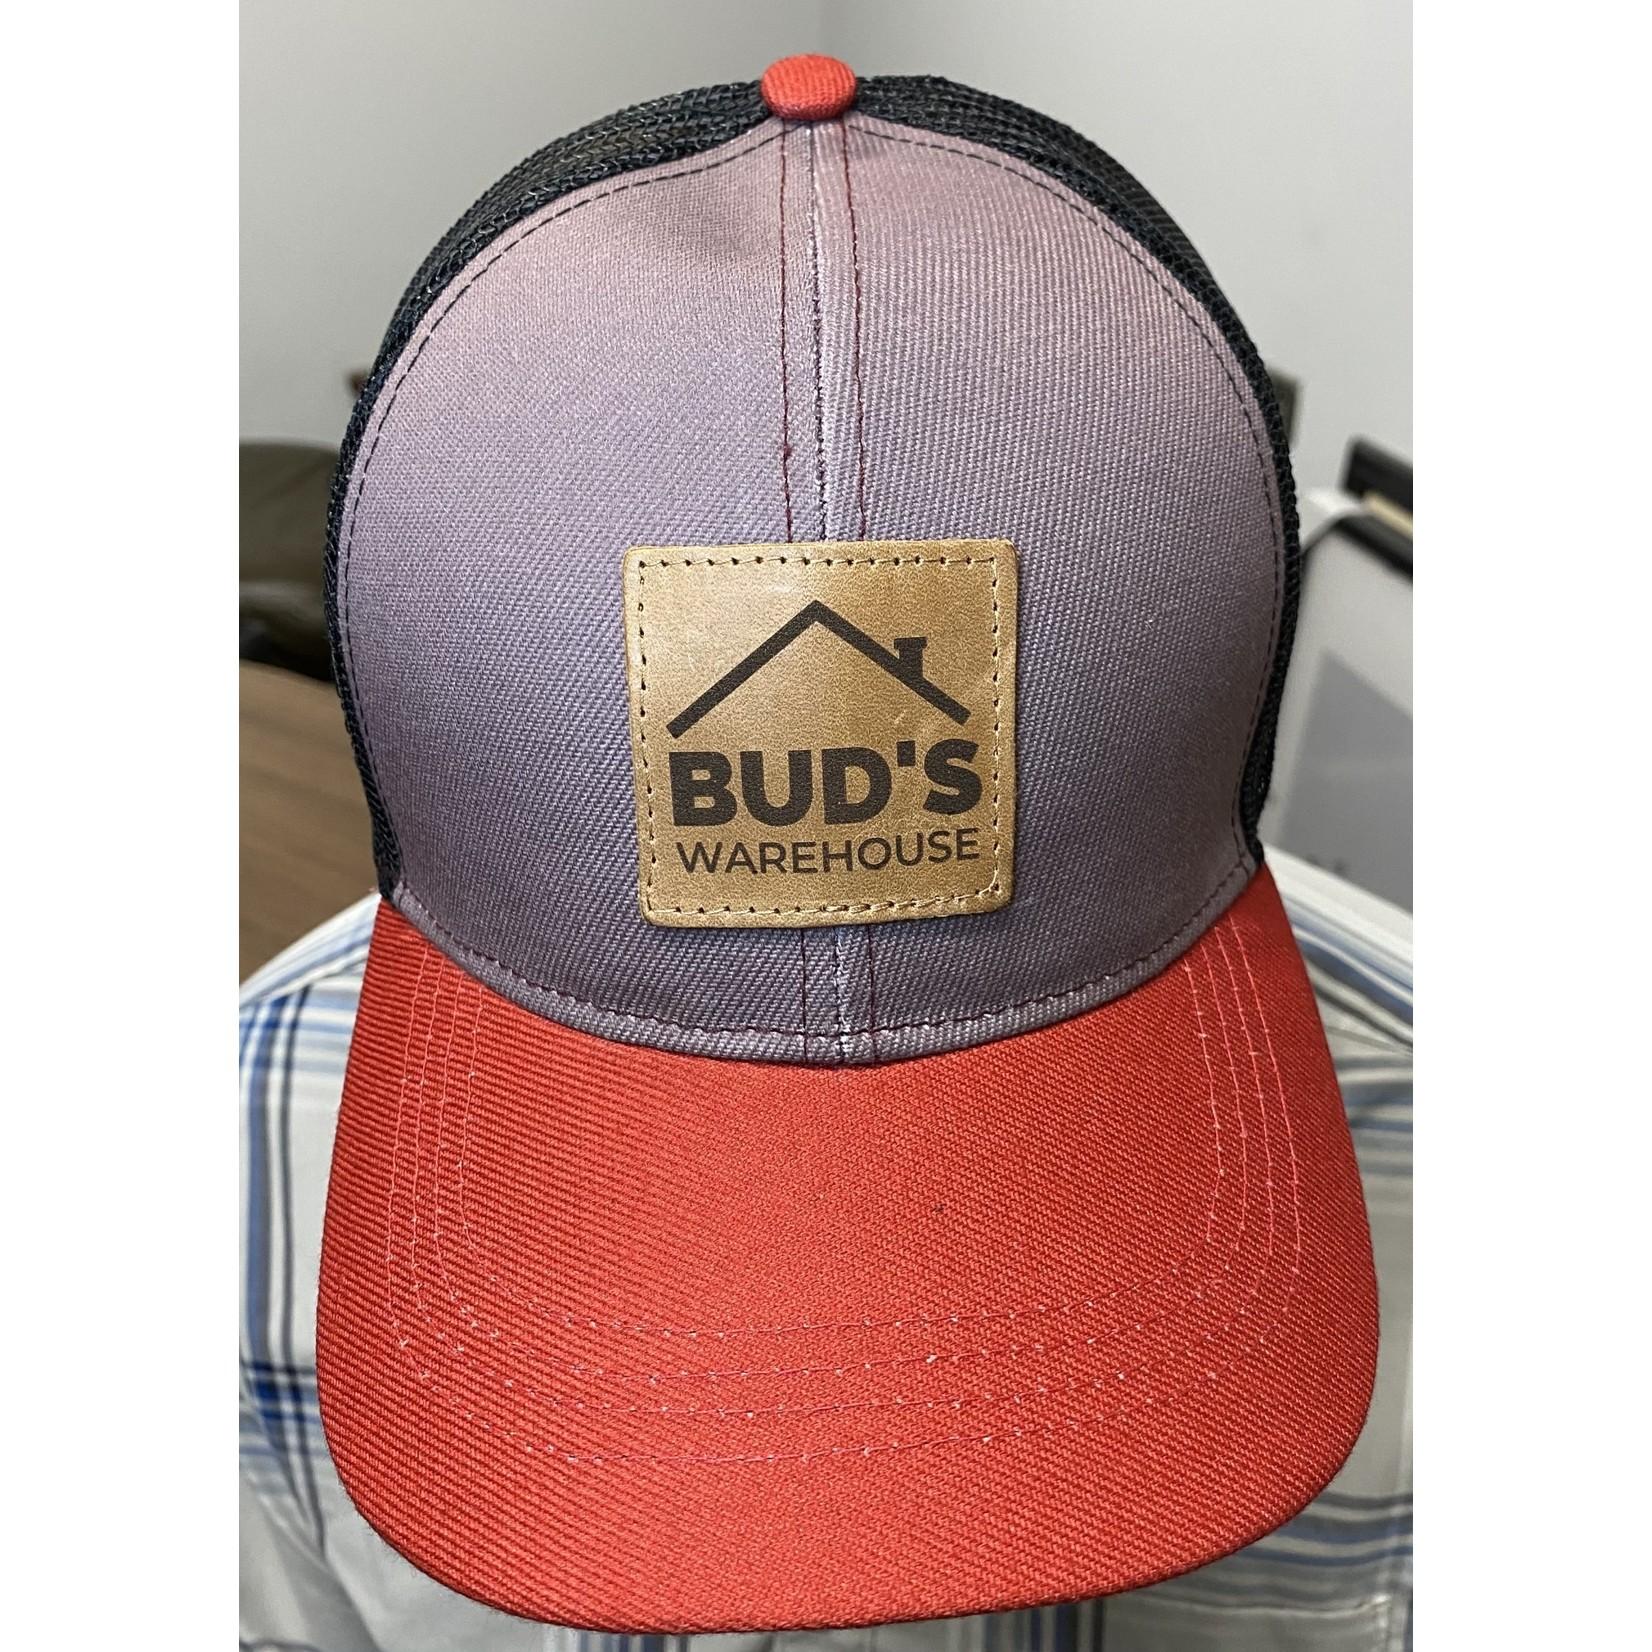 6393 Buds Warehouse Trucker Hat